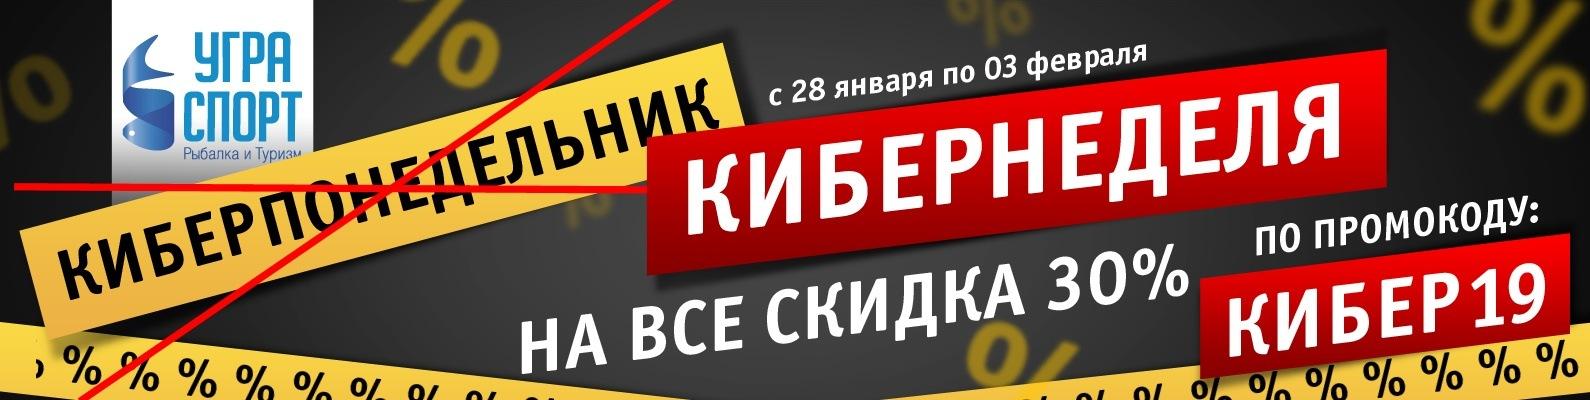 af6aa41df4a8 Рыбалка с Угра Спорт Fishing with Ugra Sport   ВКонтакте